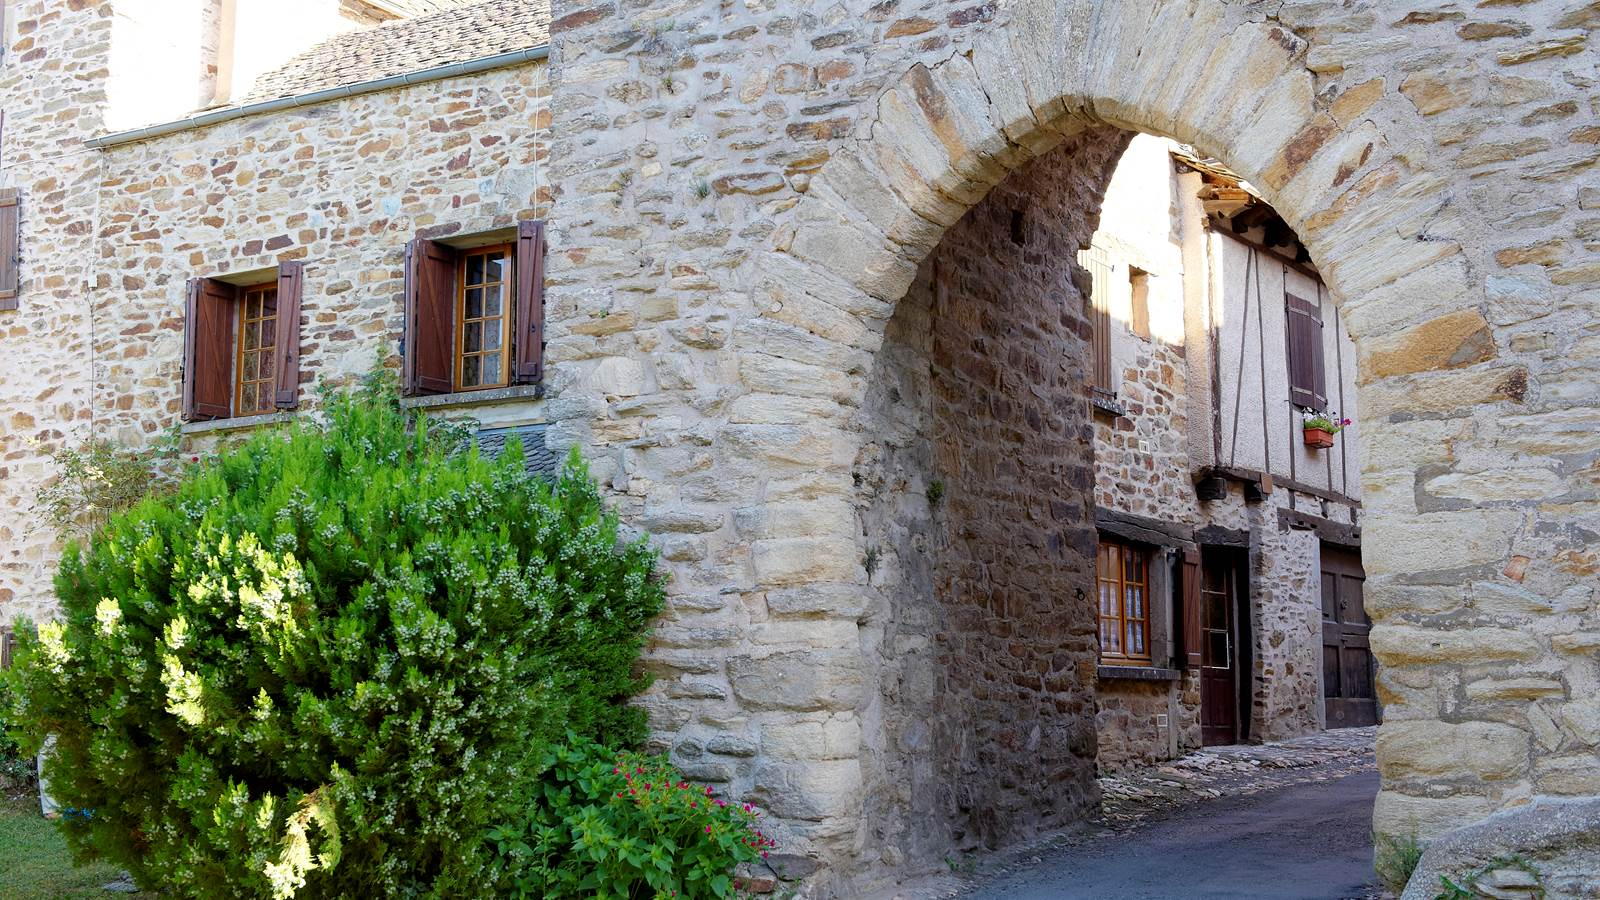 Sauveterre-de-Rouergue, bastide royale du XIIIe siècle